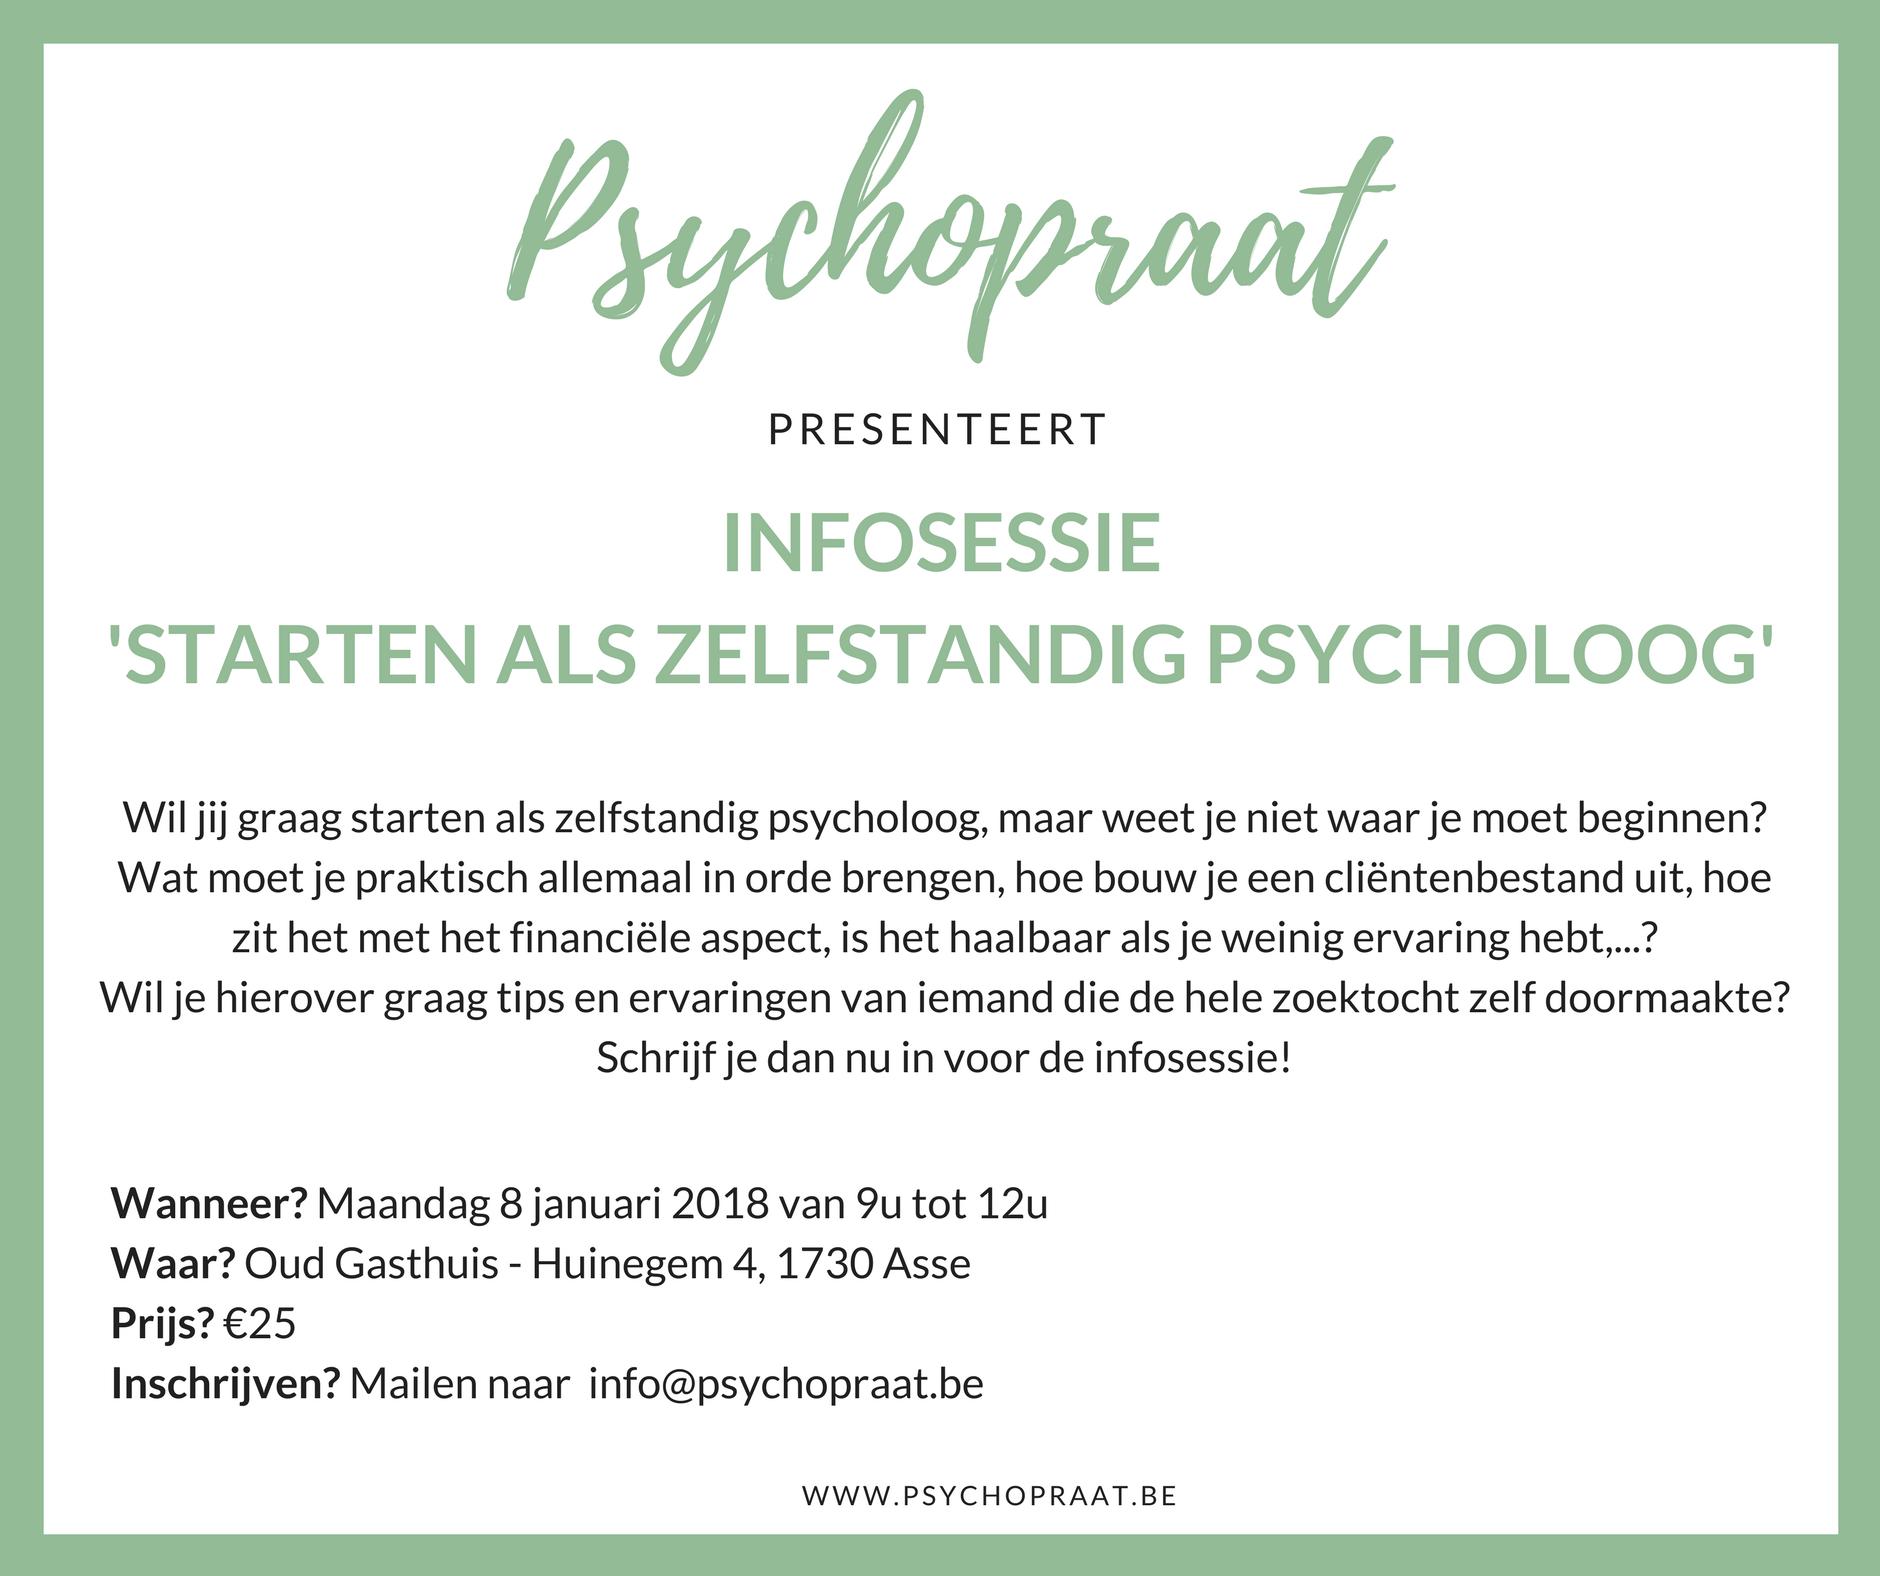 Infosessie starten als zelfstandig psycholoog